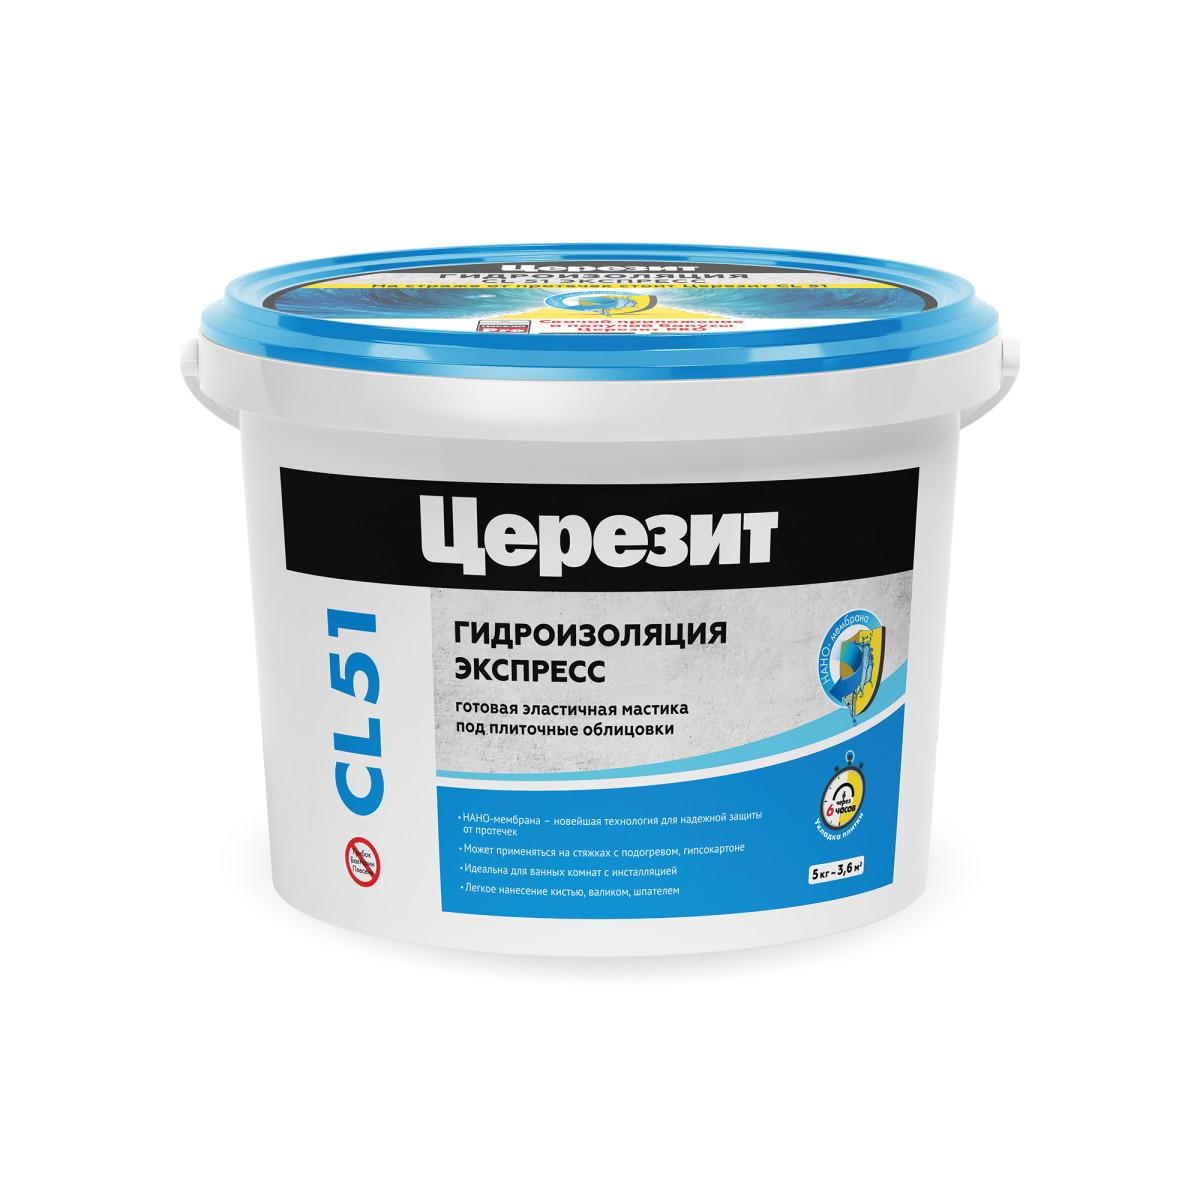 Гидроизоляция эластичная полимерная Ceresit CL 51 5 кг